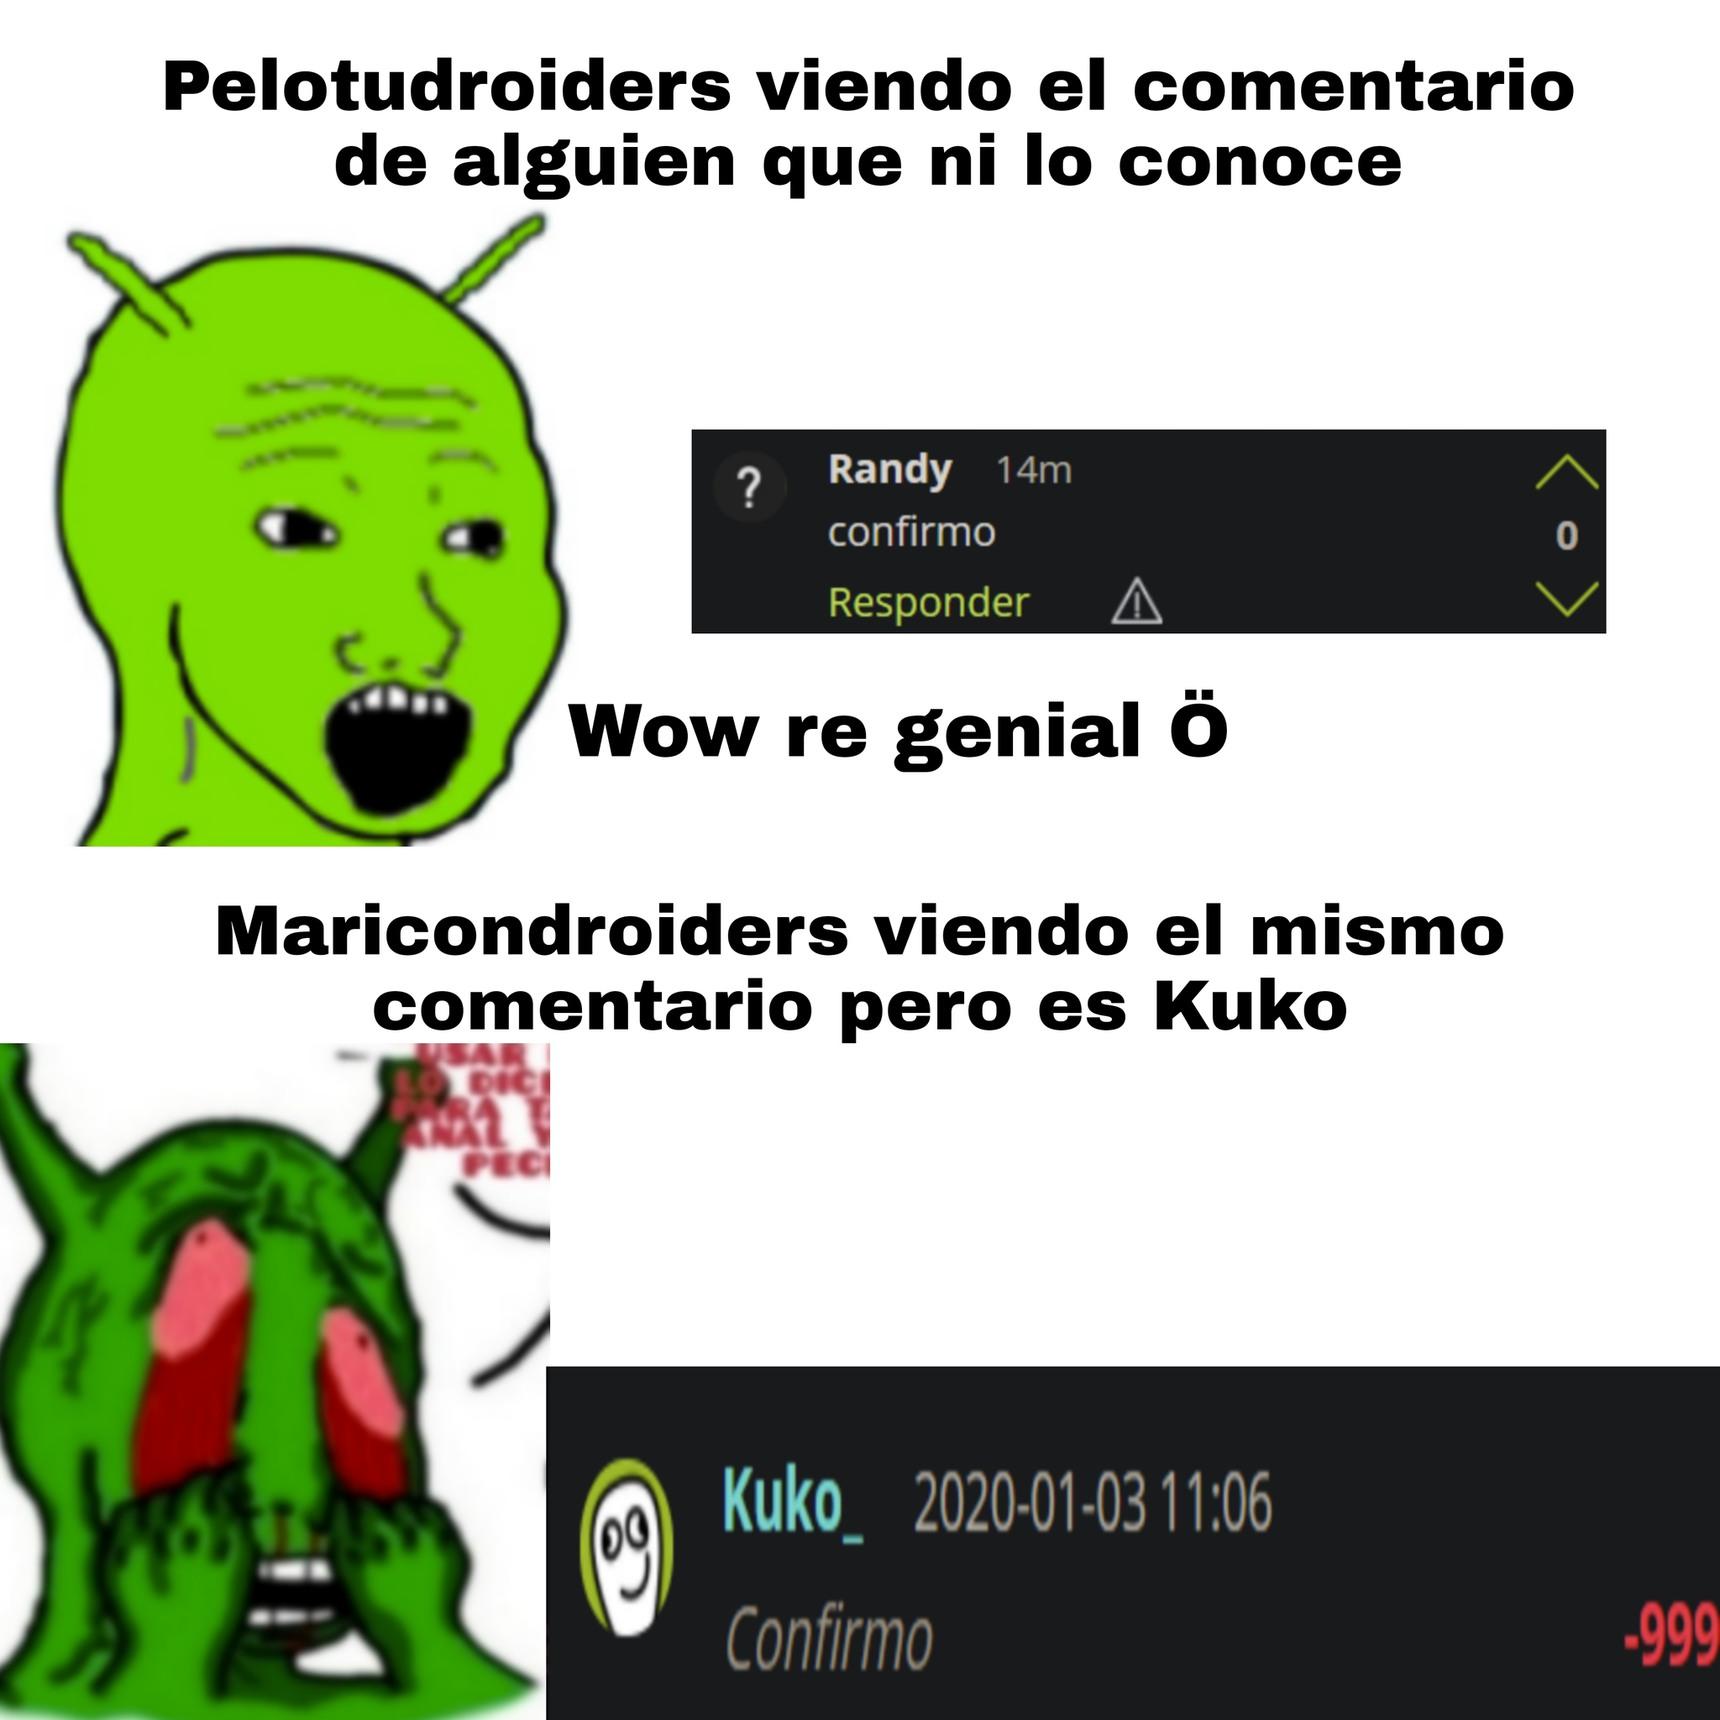 Zje_La_Fotocopiadora - meme